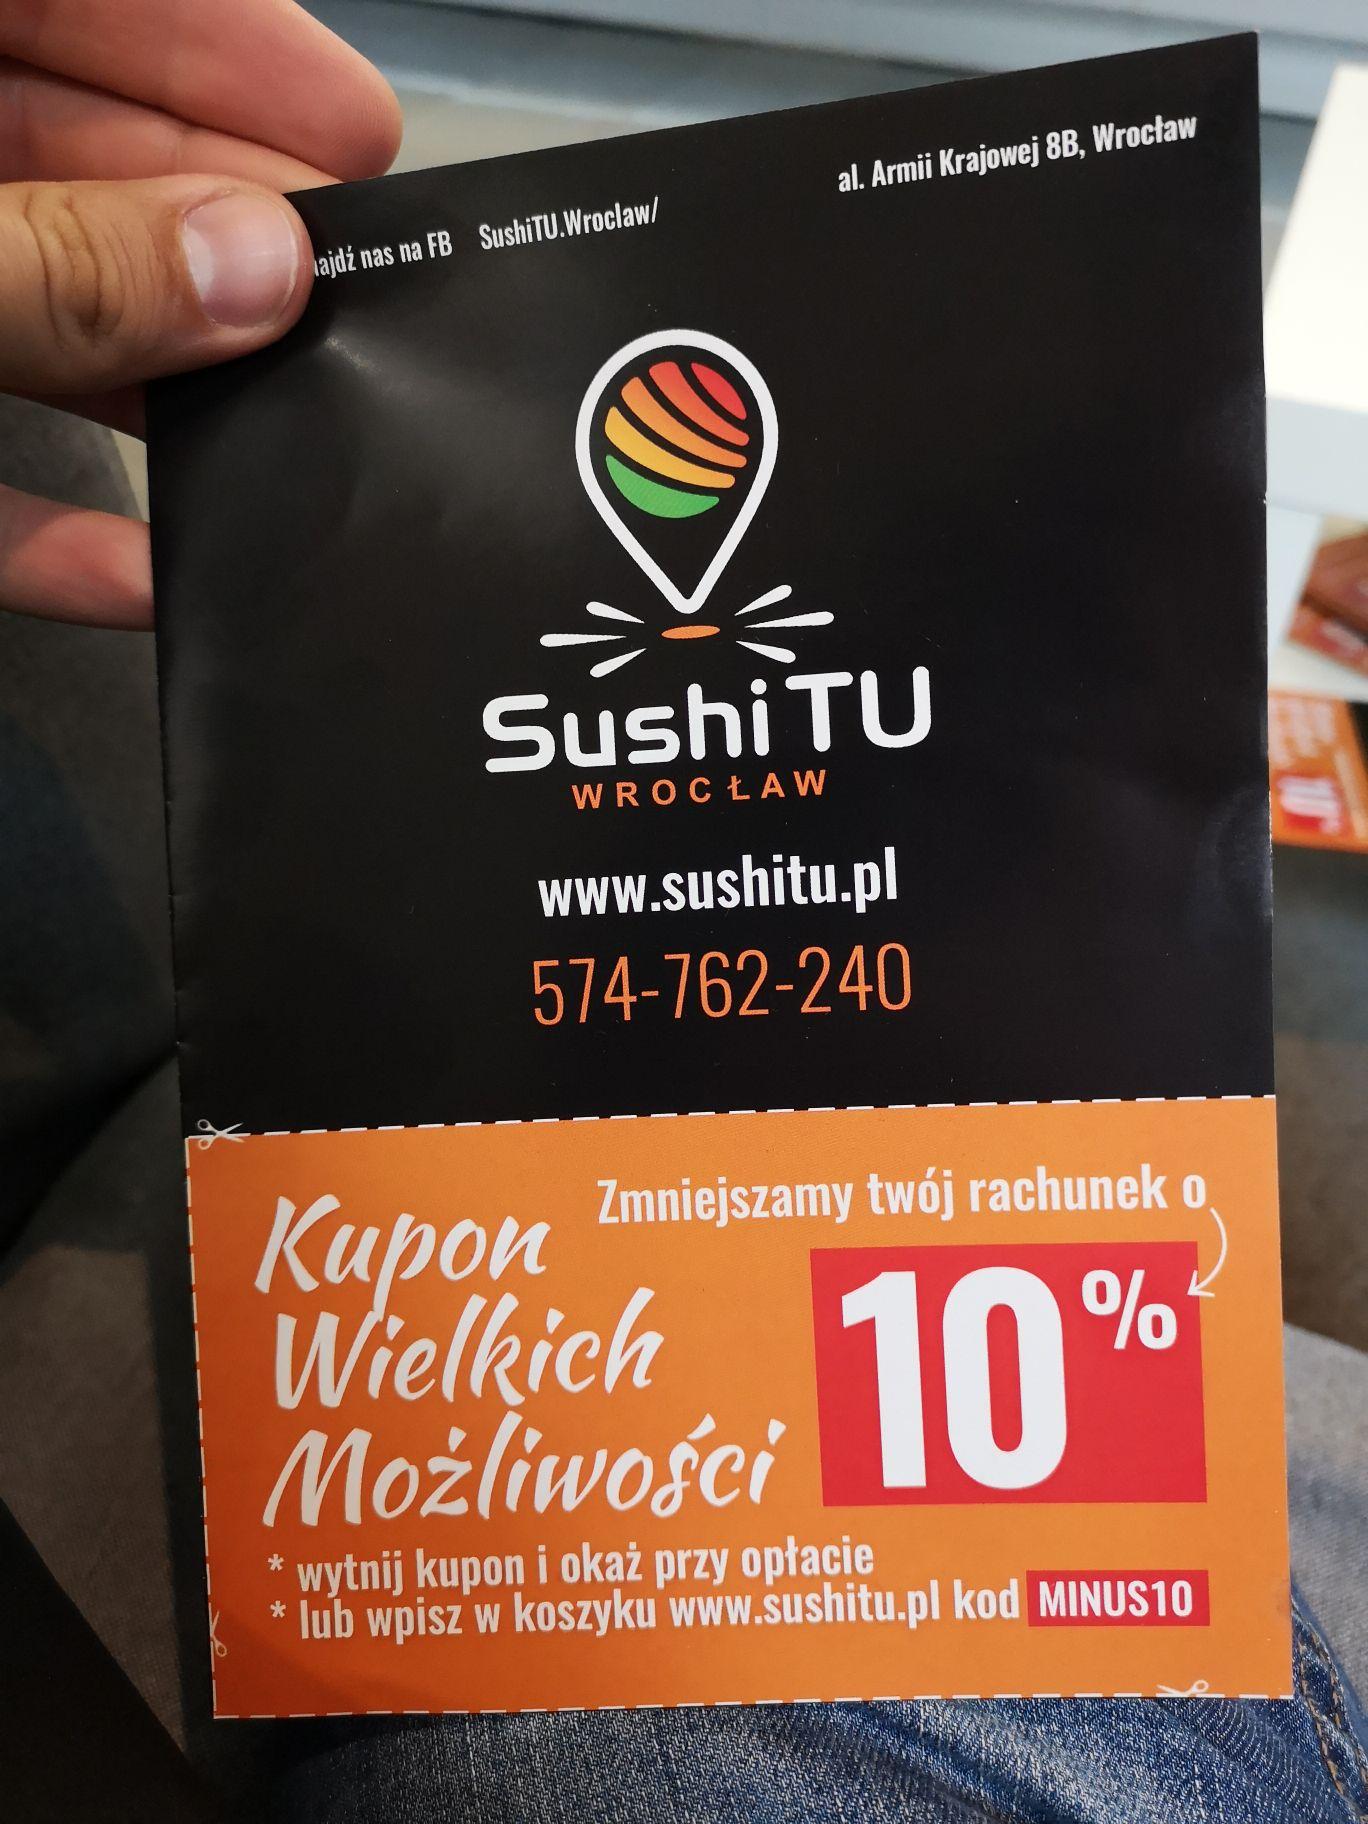 SushiTU Wrocław rabat 10% przy zamówieniu na SushiTU.pl